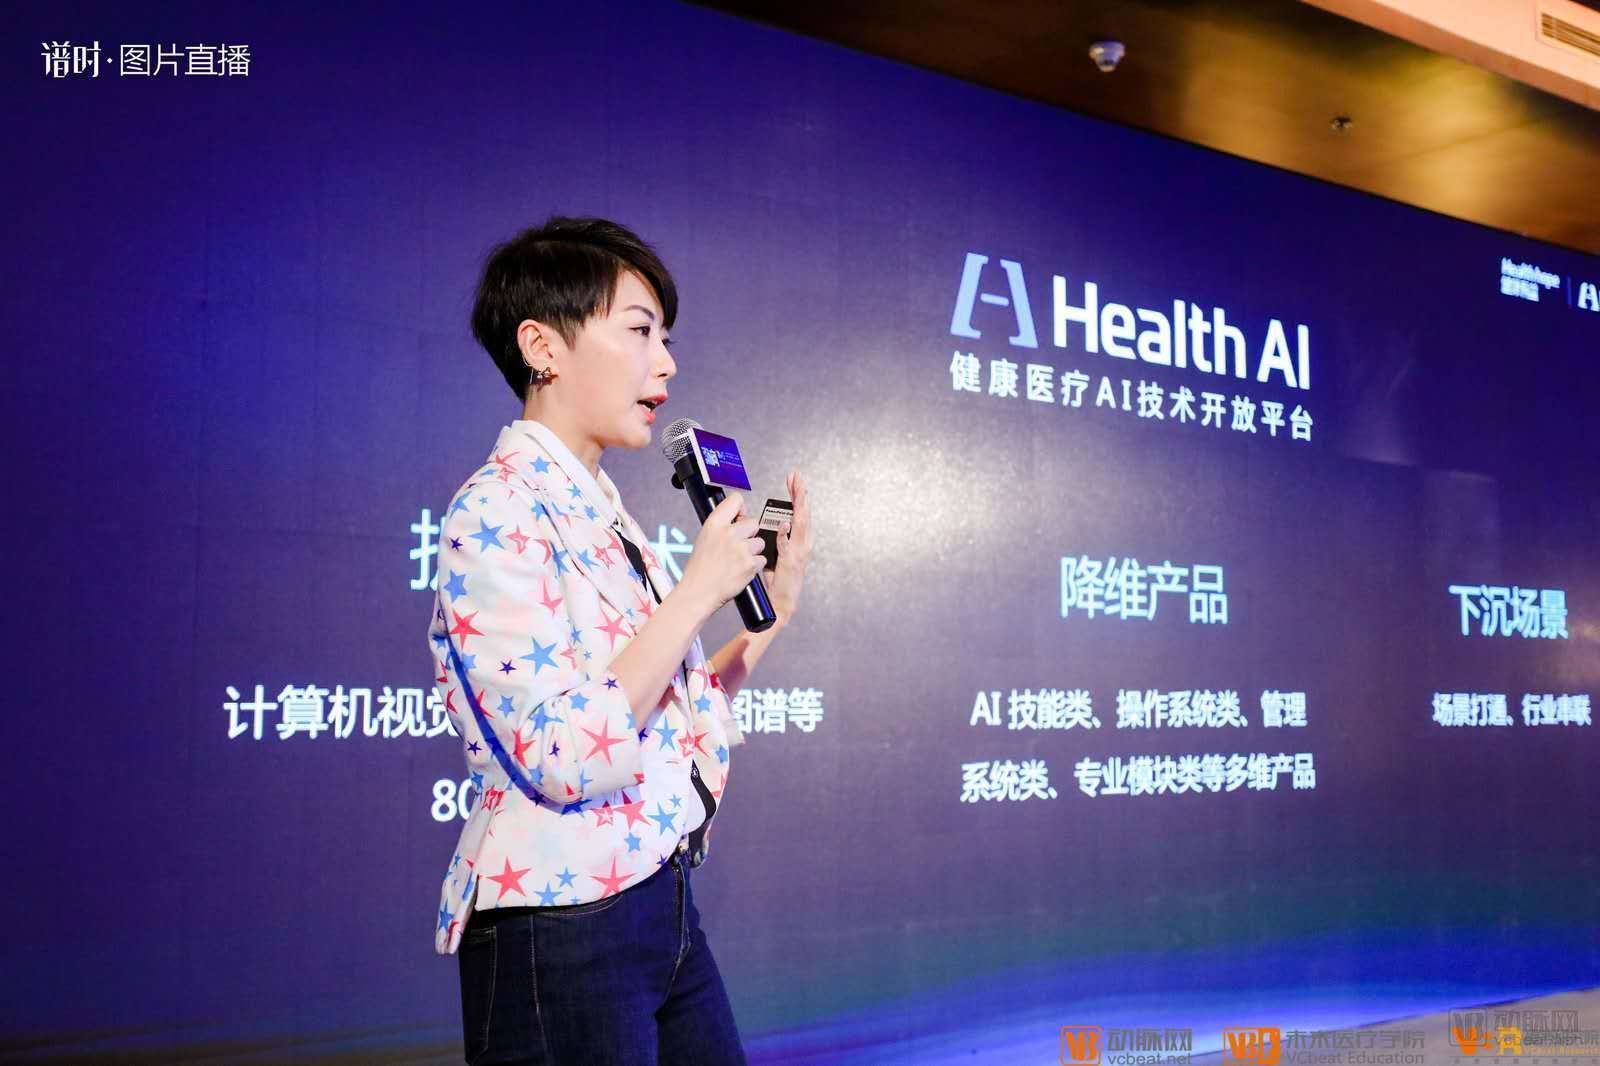 健康有益 Health AI正式上线,打造健康服务智能升级新高地